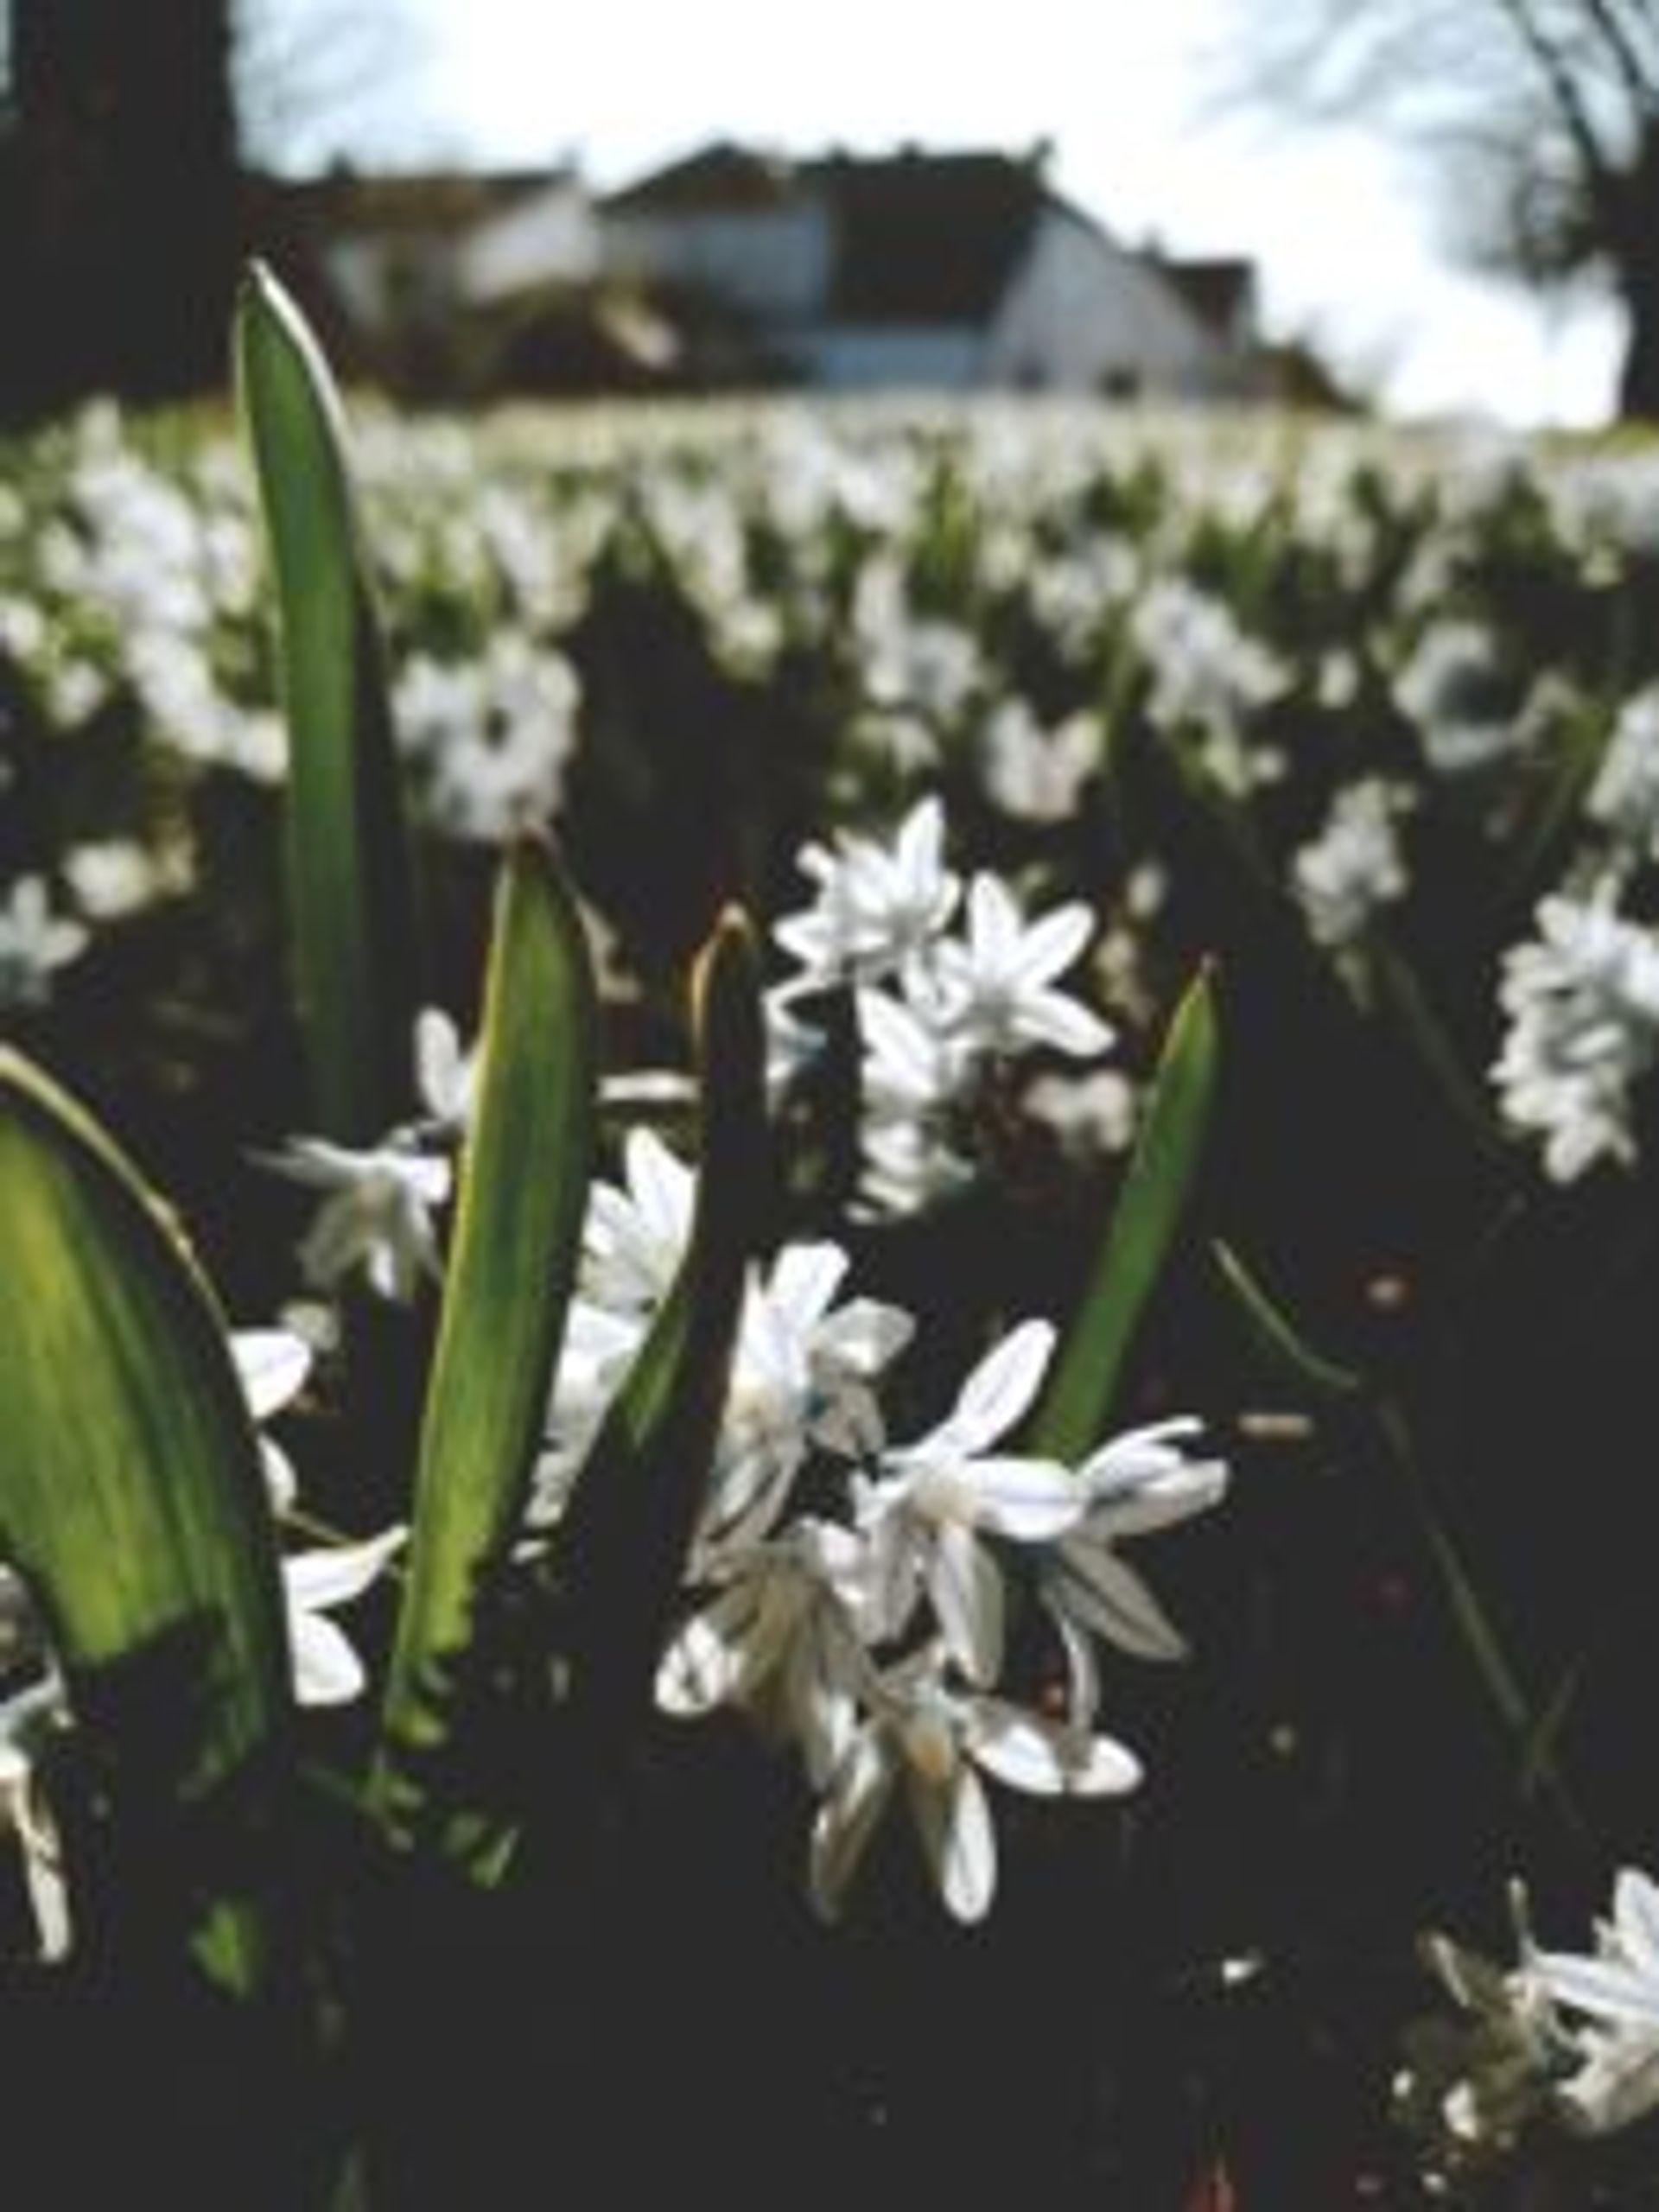 Snowdrop petals.